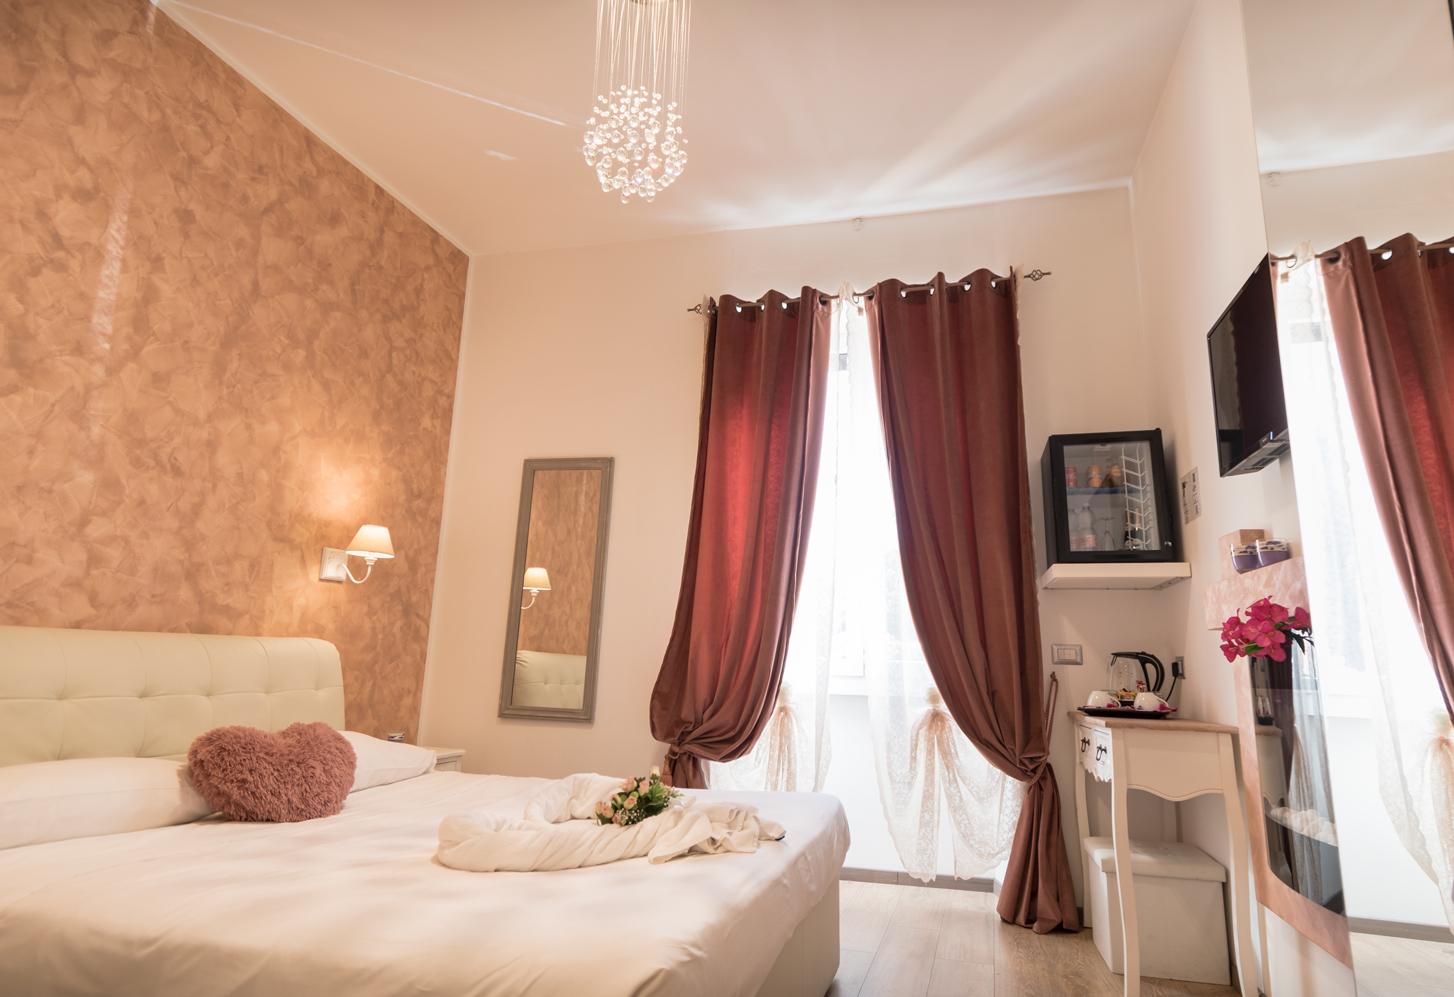 Foto Di Un Camino Acceso camera king superior-your vatican suite-il b&b nel cuore di roma